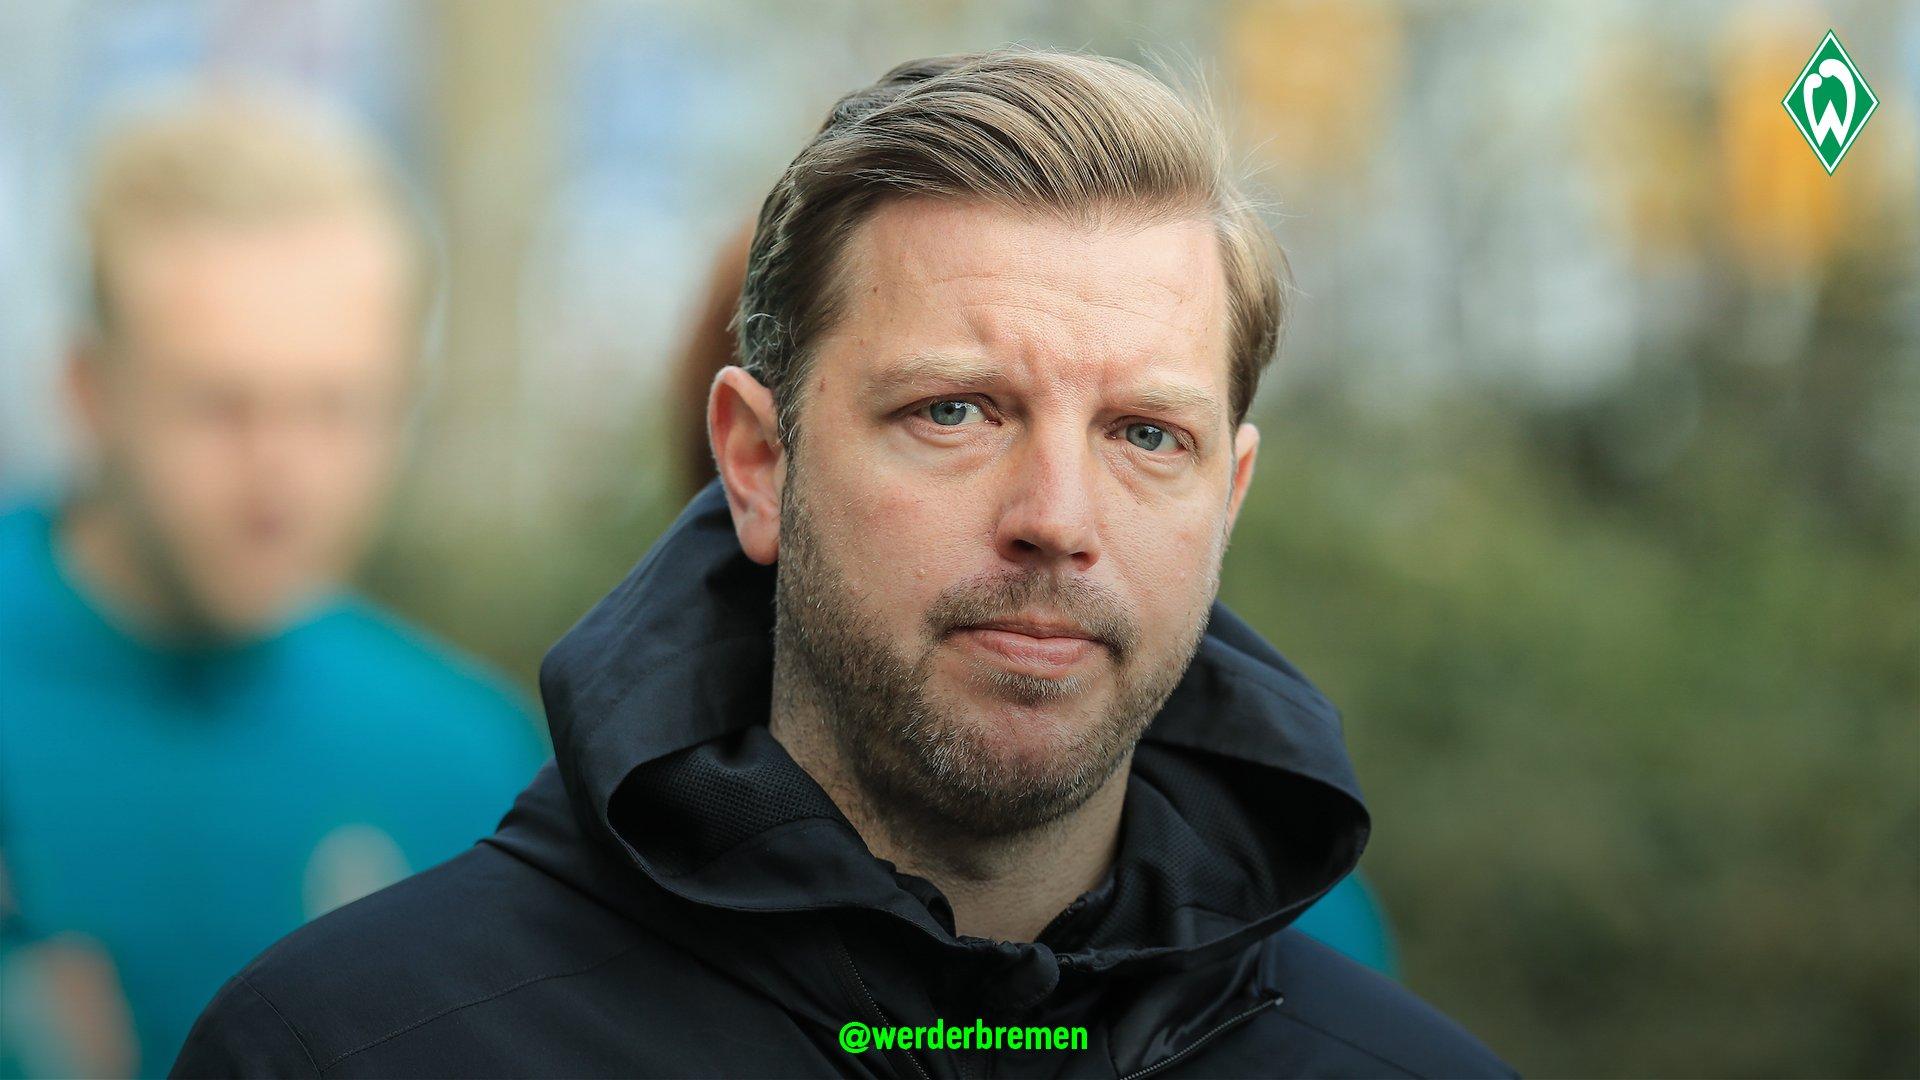 Нагельсманн может попрощаться с Лейпцигом трофеем, а Кофельдт пока остается в «Вердере» – обзор первого полуфинала Кубка